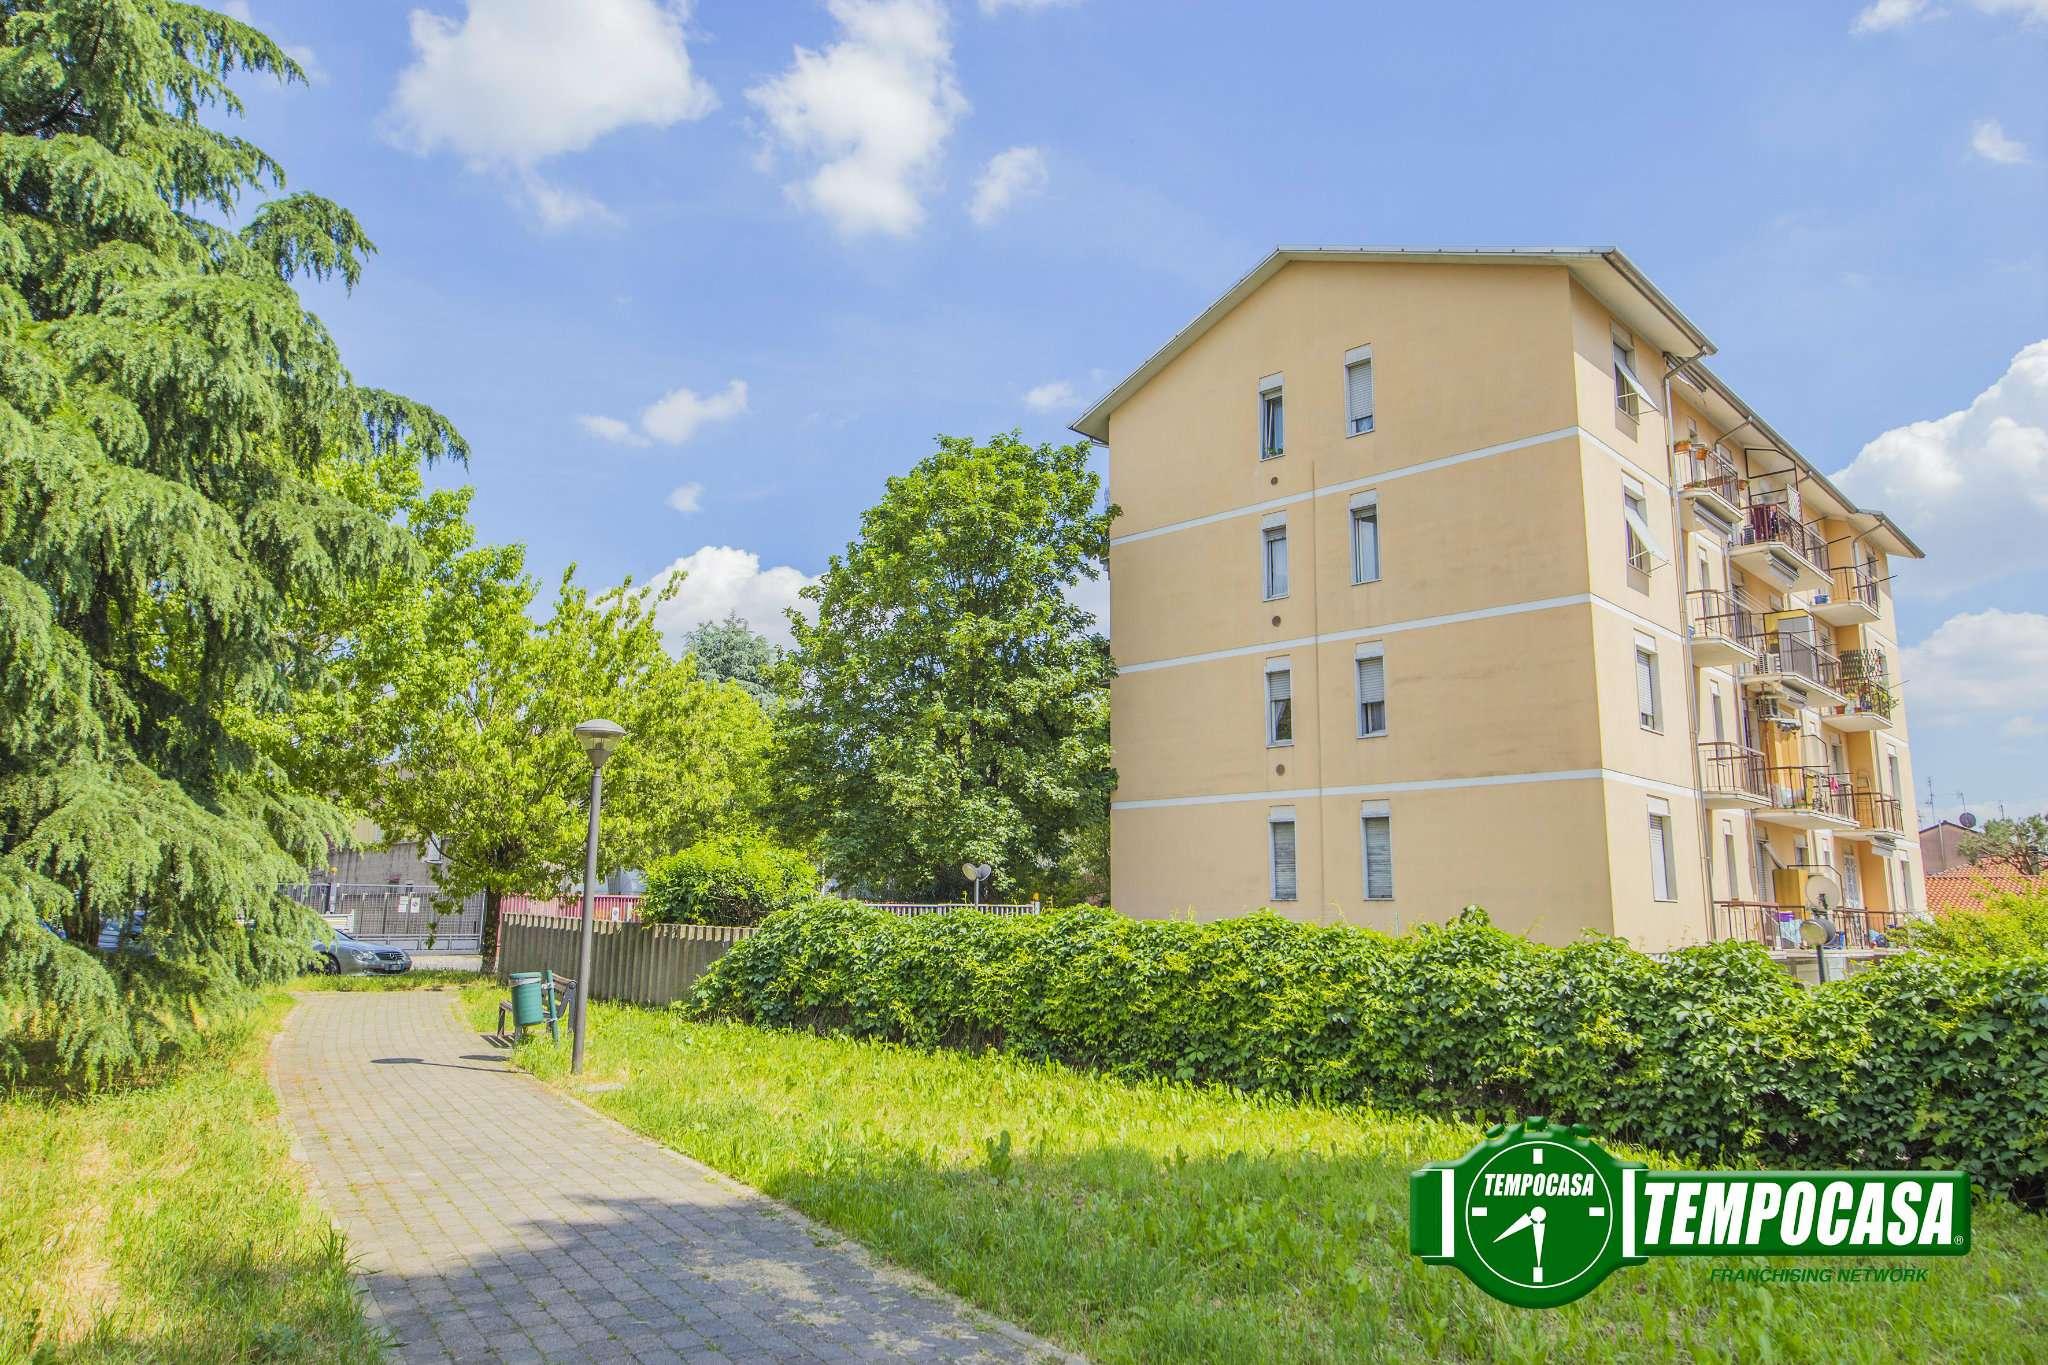 Appartamento ristrutturato in vendita Rif. 6408453